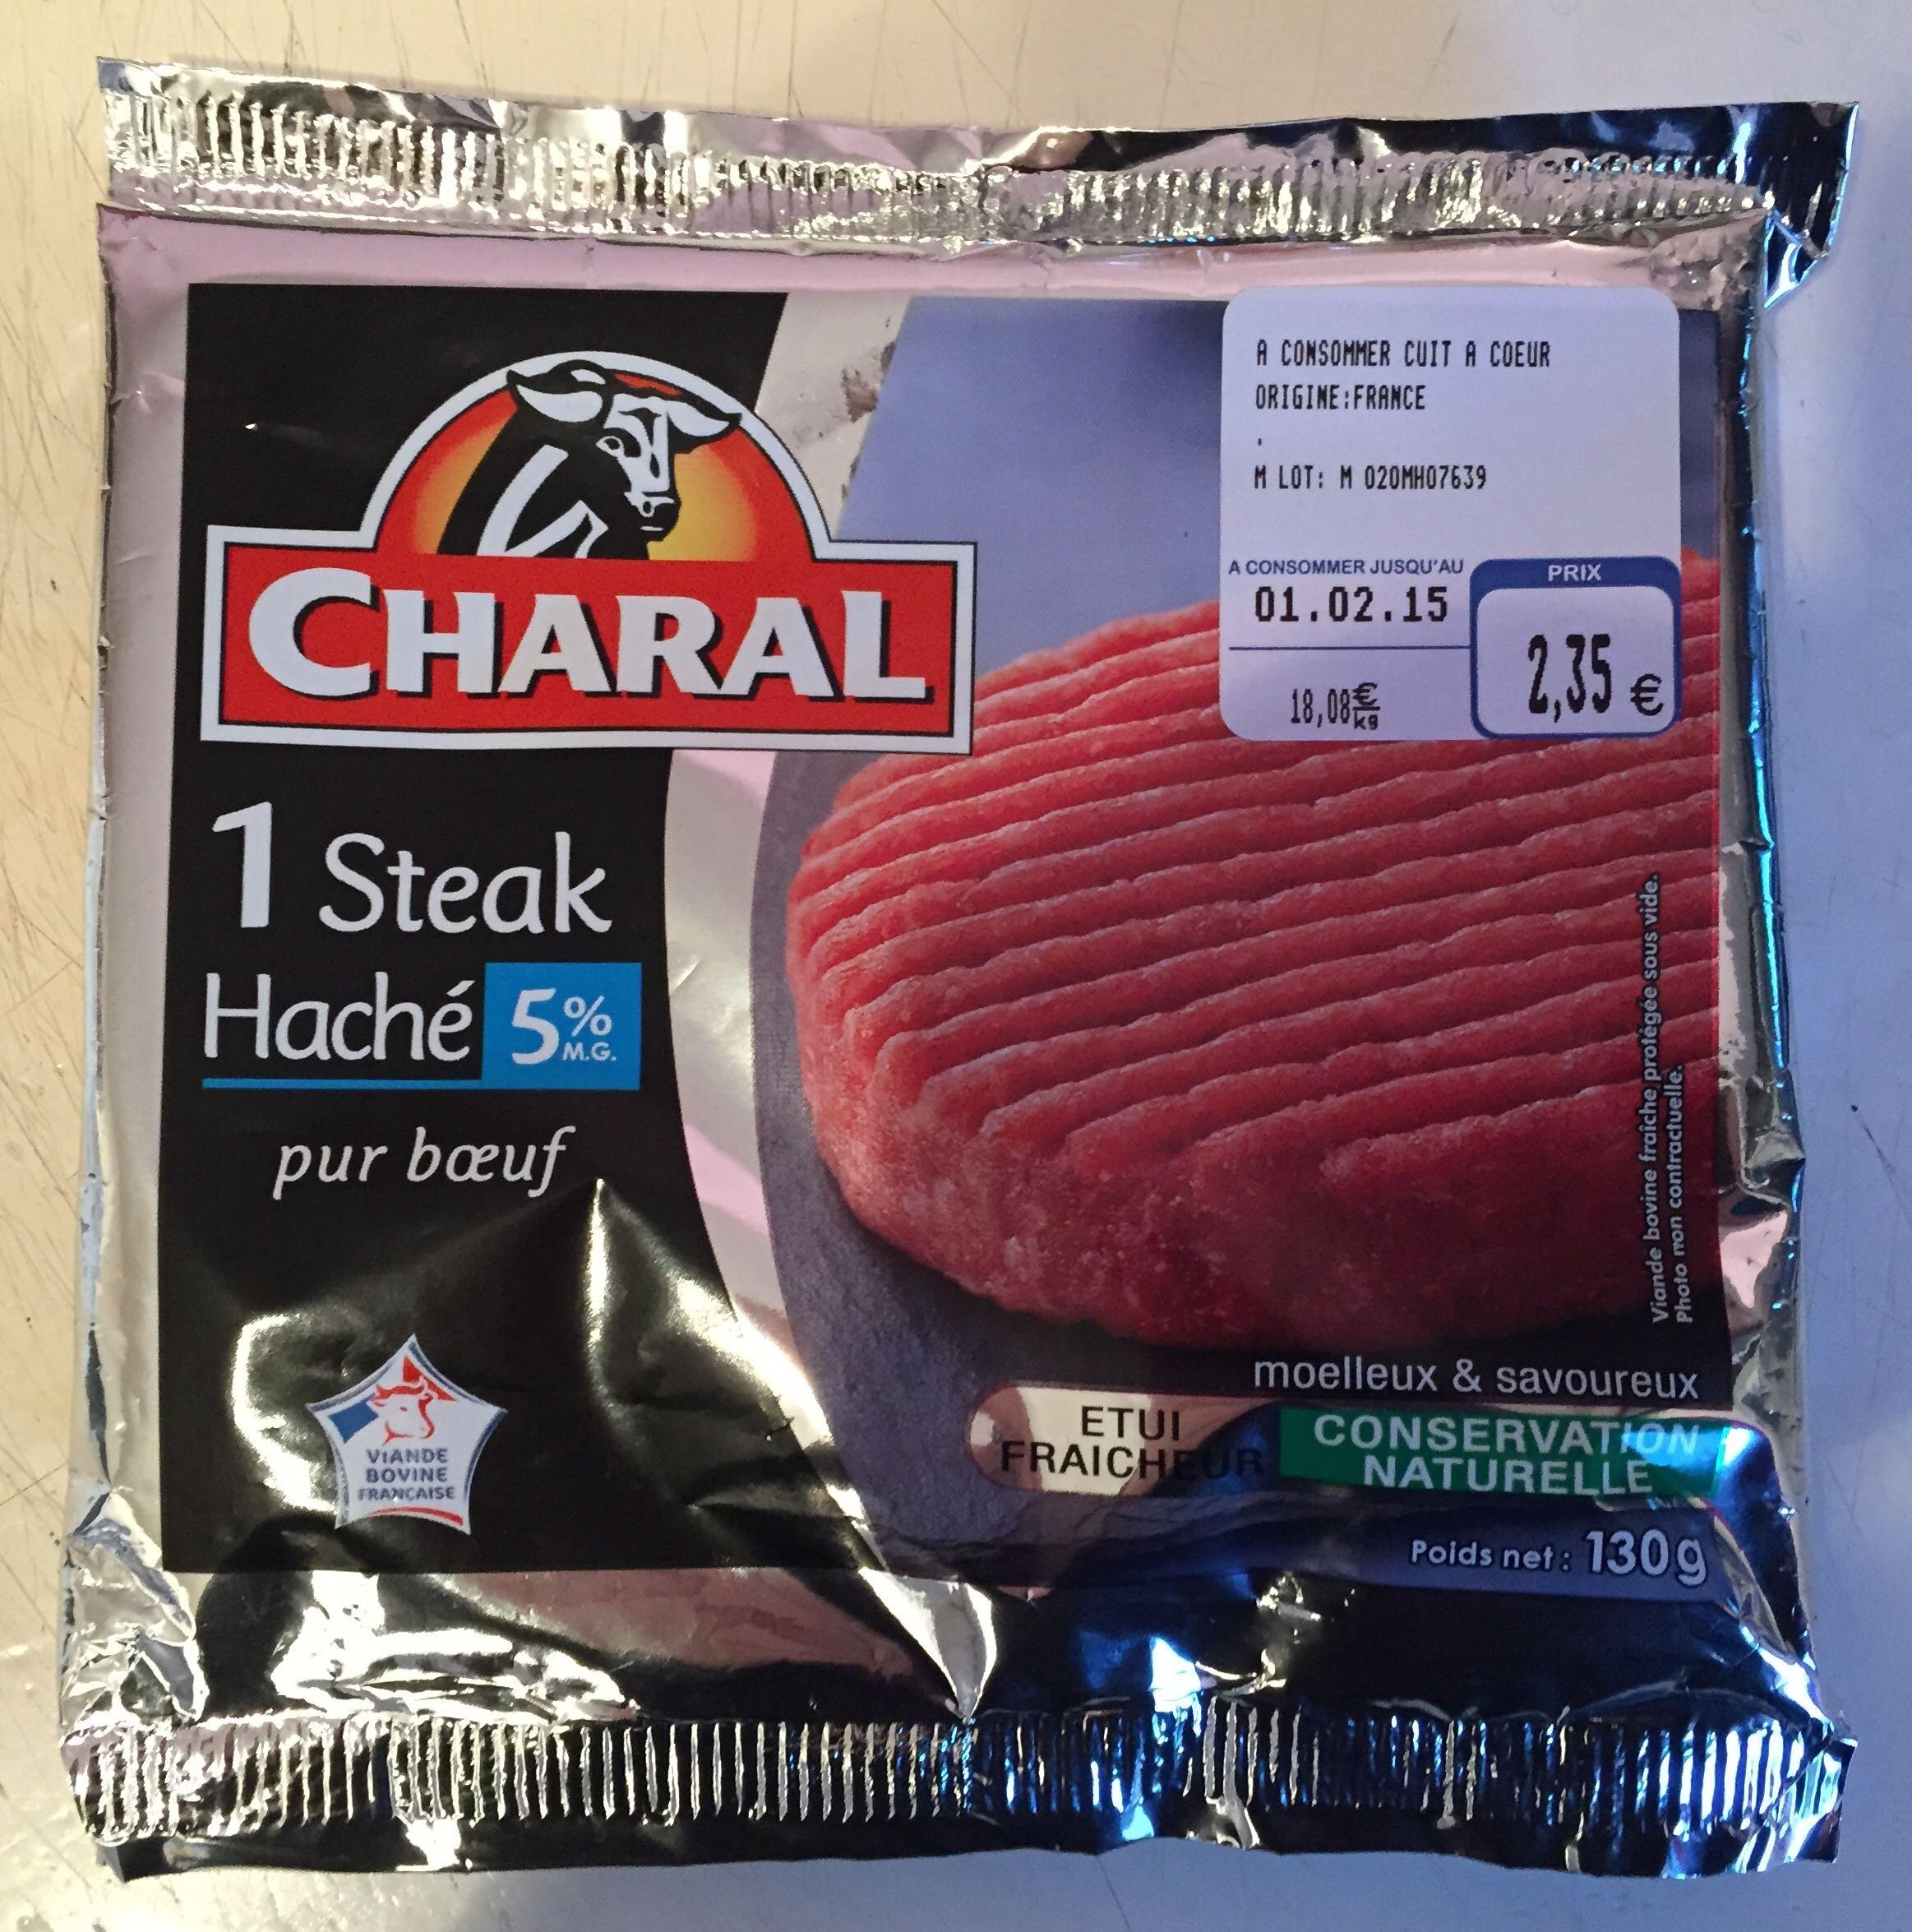 1 steak haché pur boeuf 5% M.G - Product